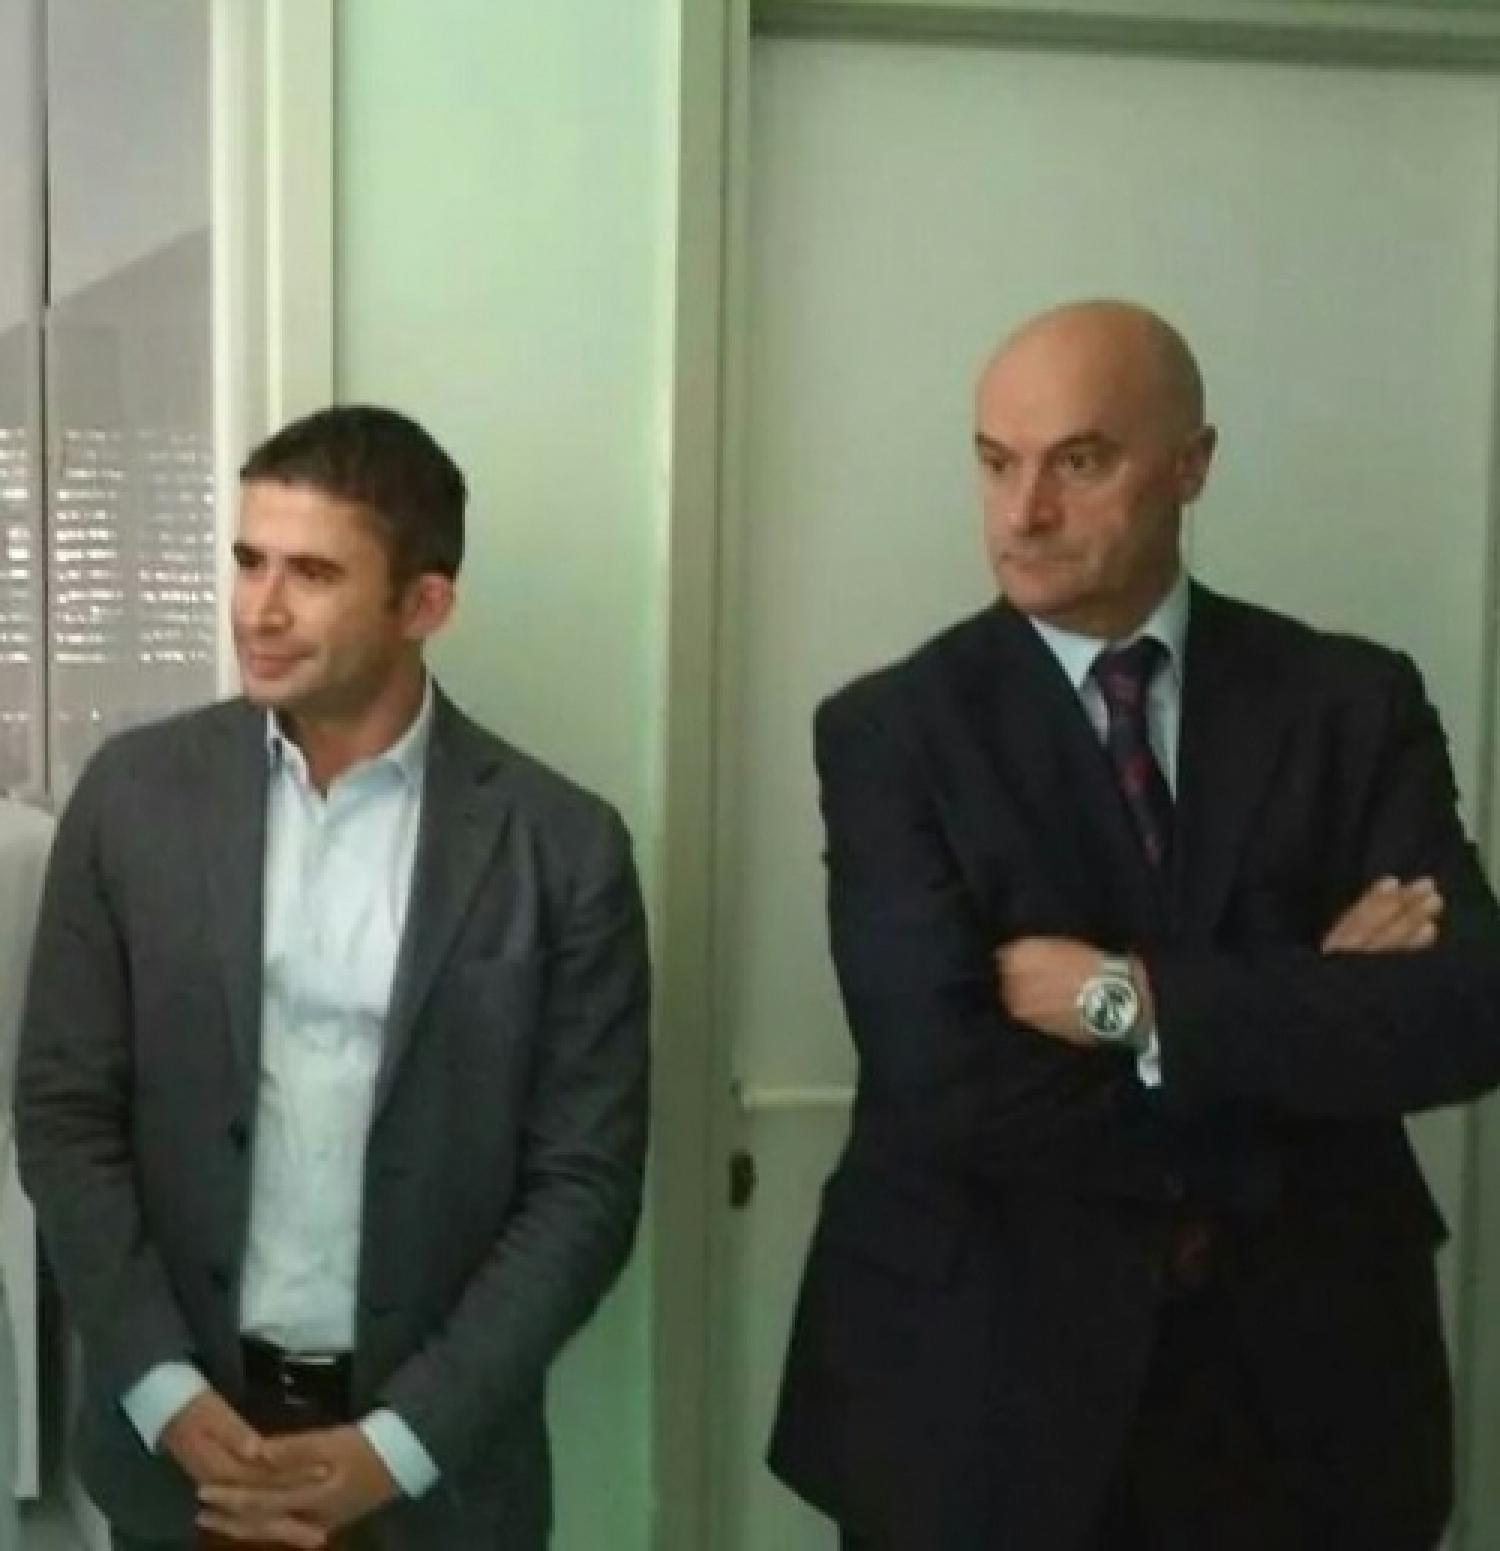 Berardinetti e Paolucci.JPG